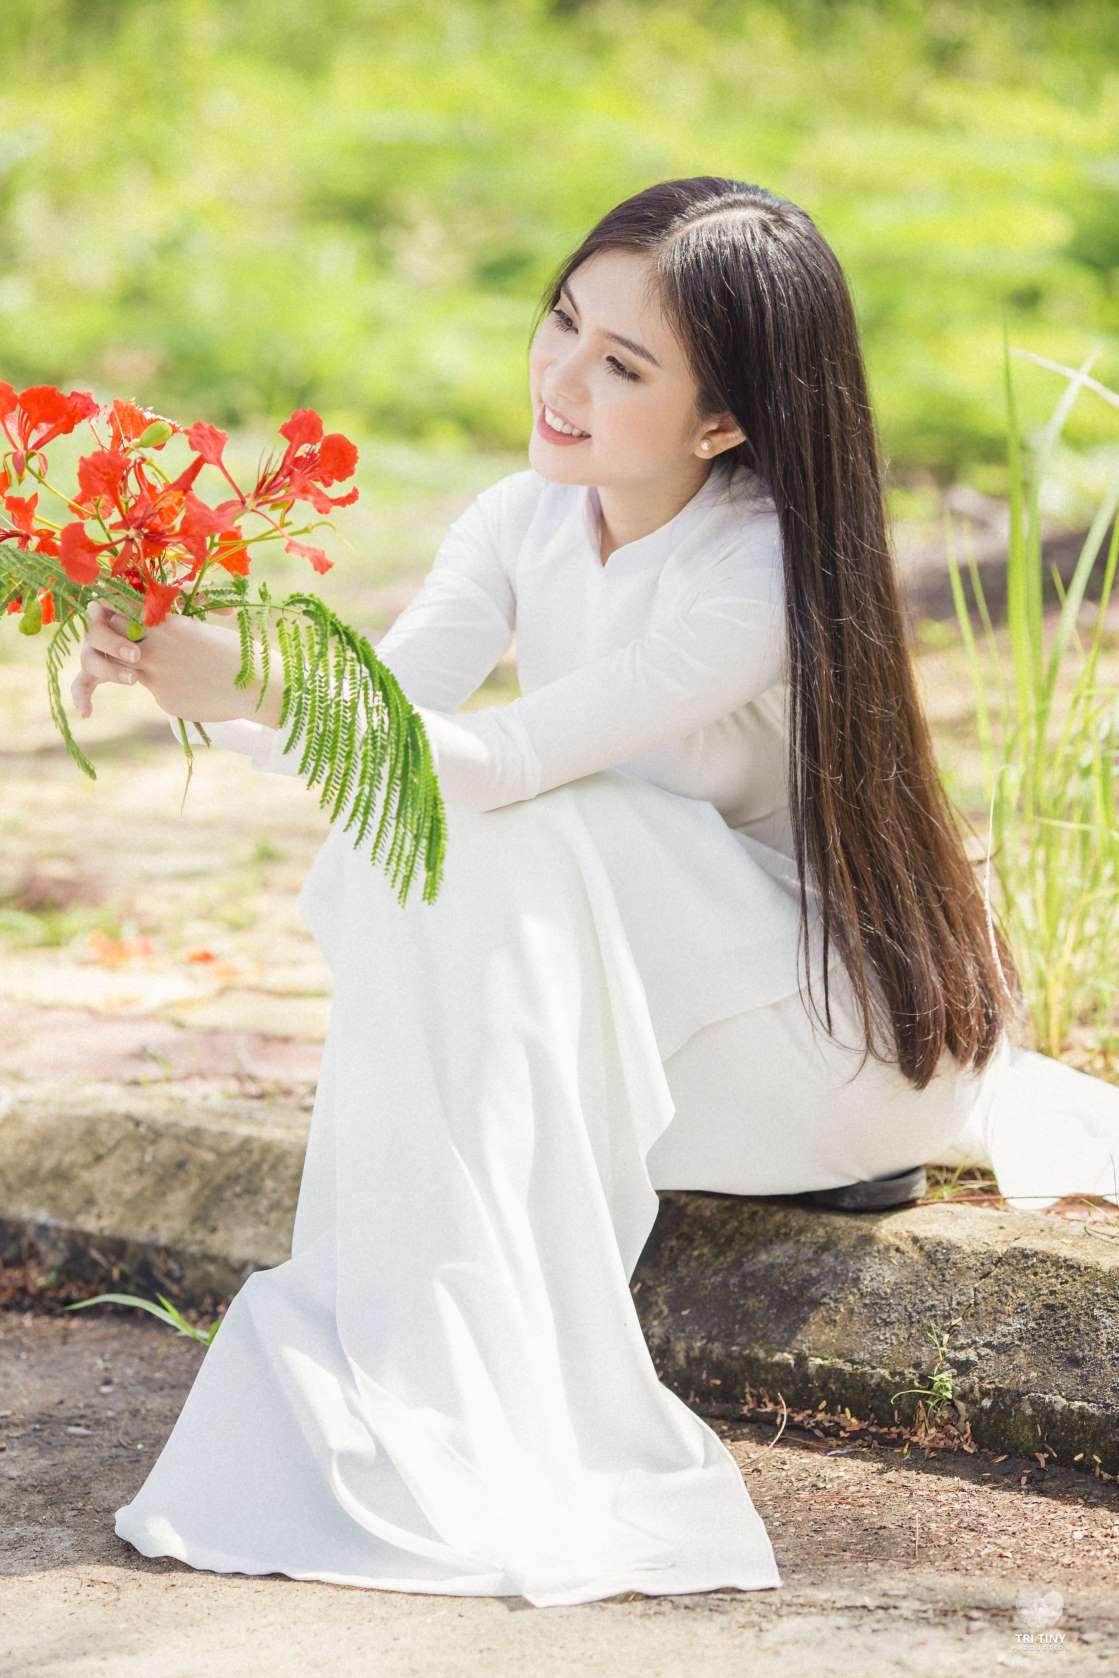 Chiêm ngưỡng dung nhan cô gái giống Ngọc Trinh như đúc